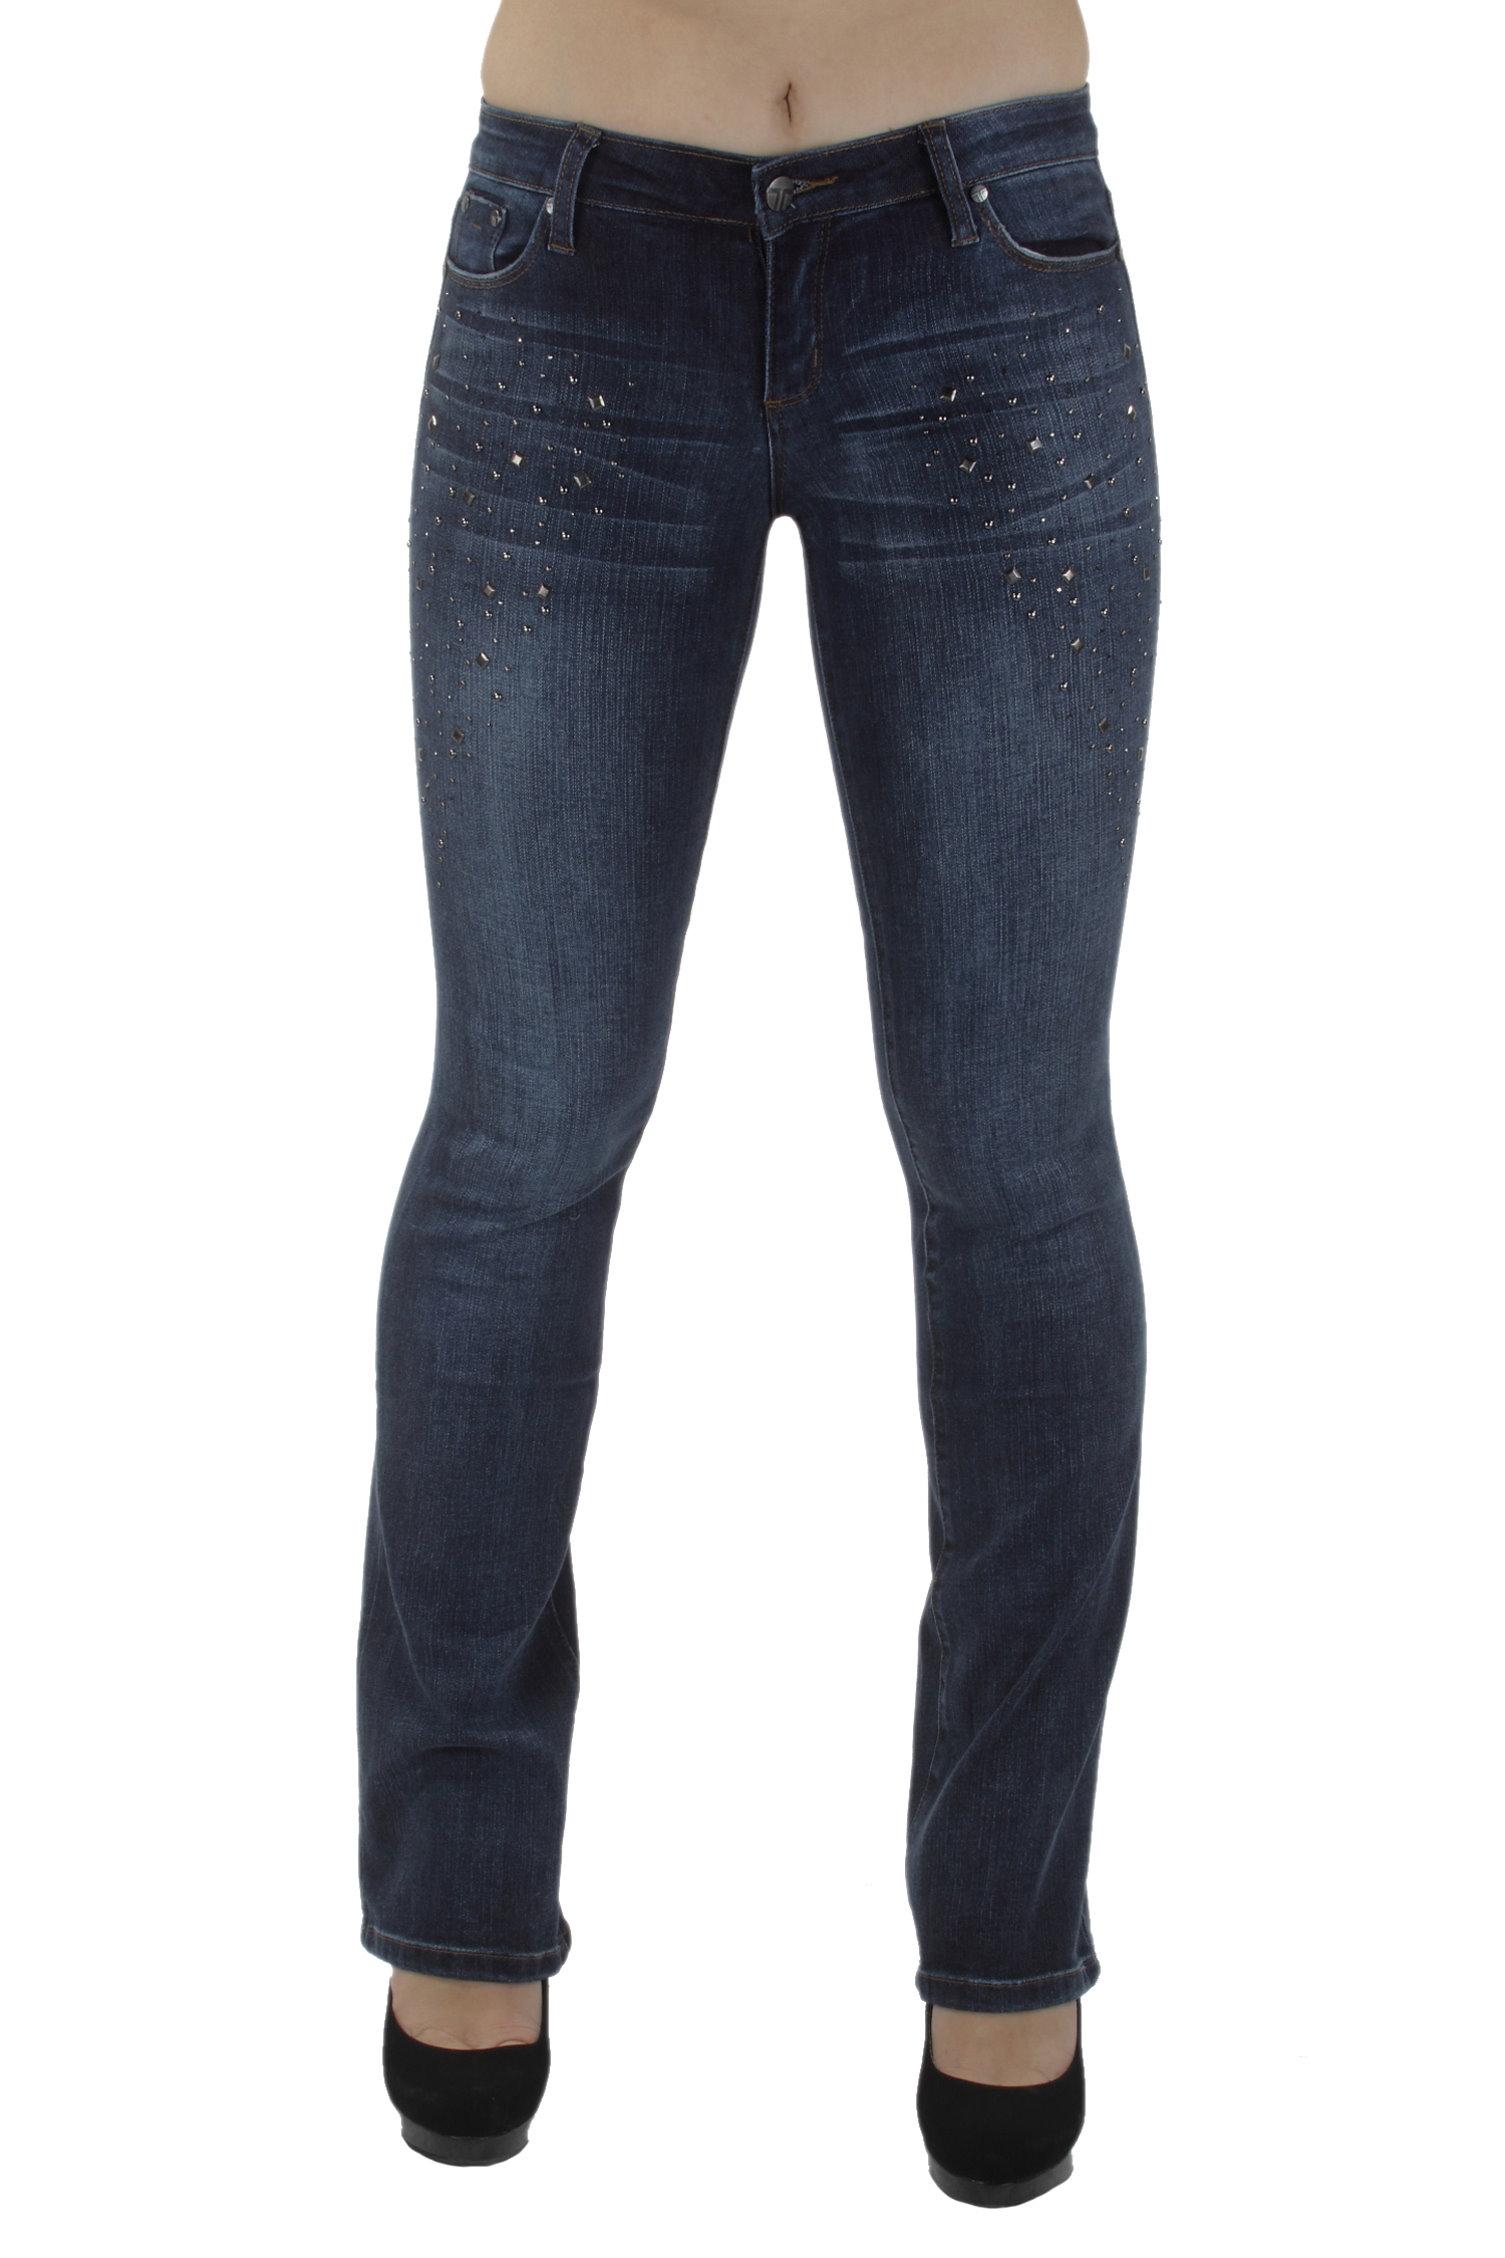 Jnco jeans in deutschland kaufen